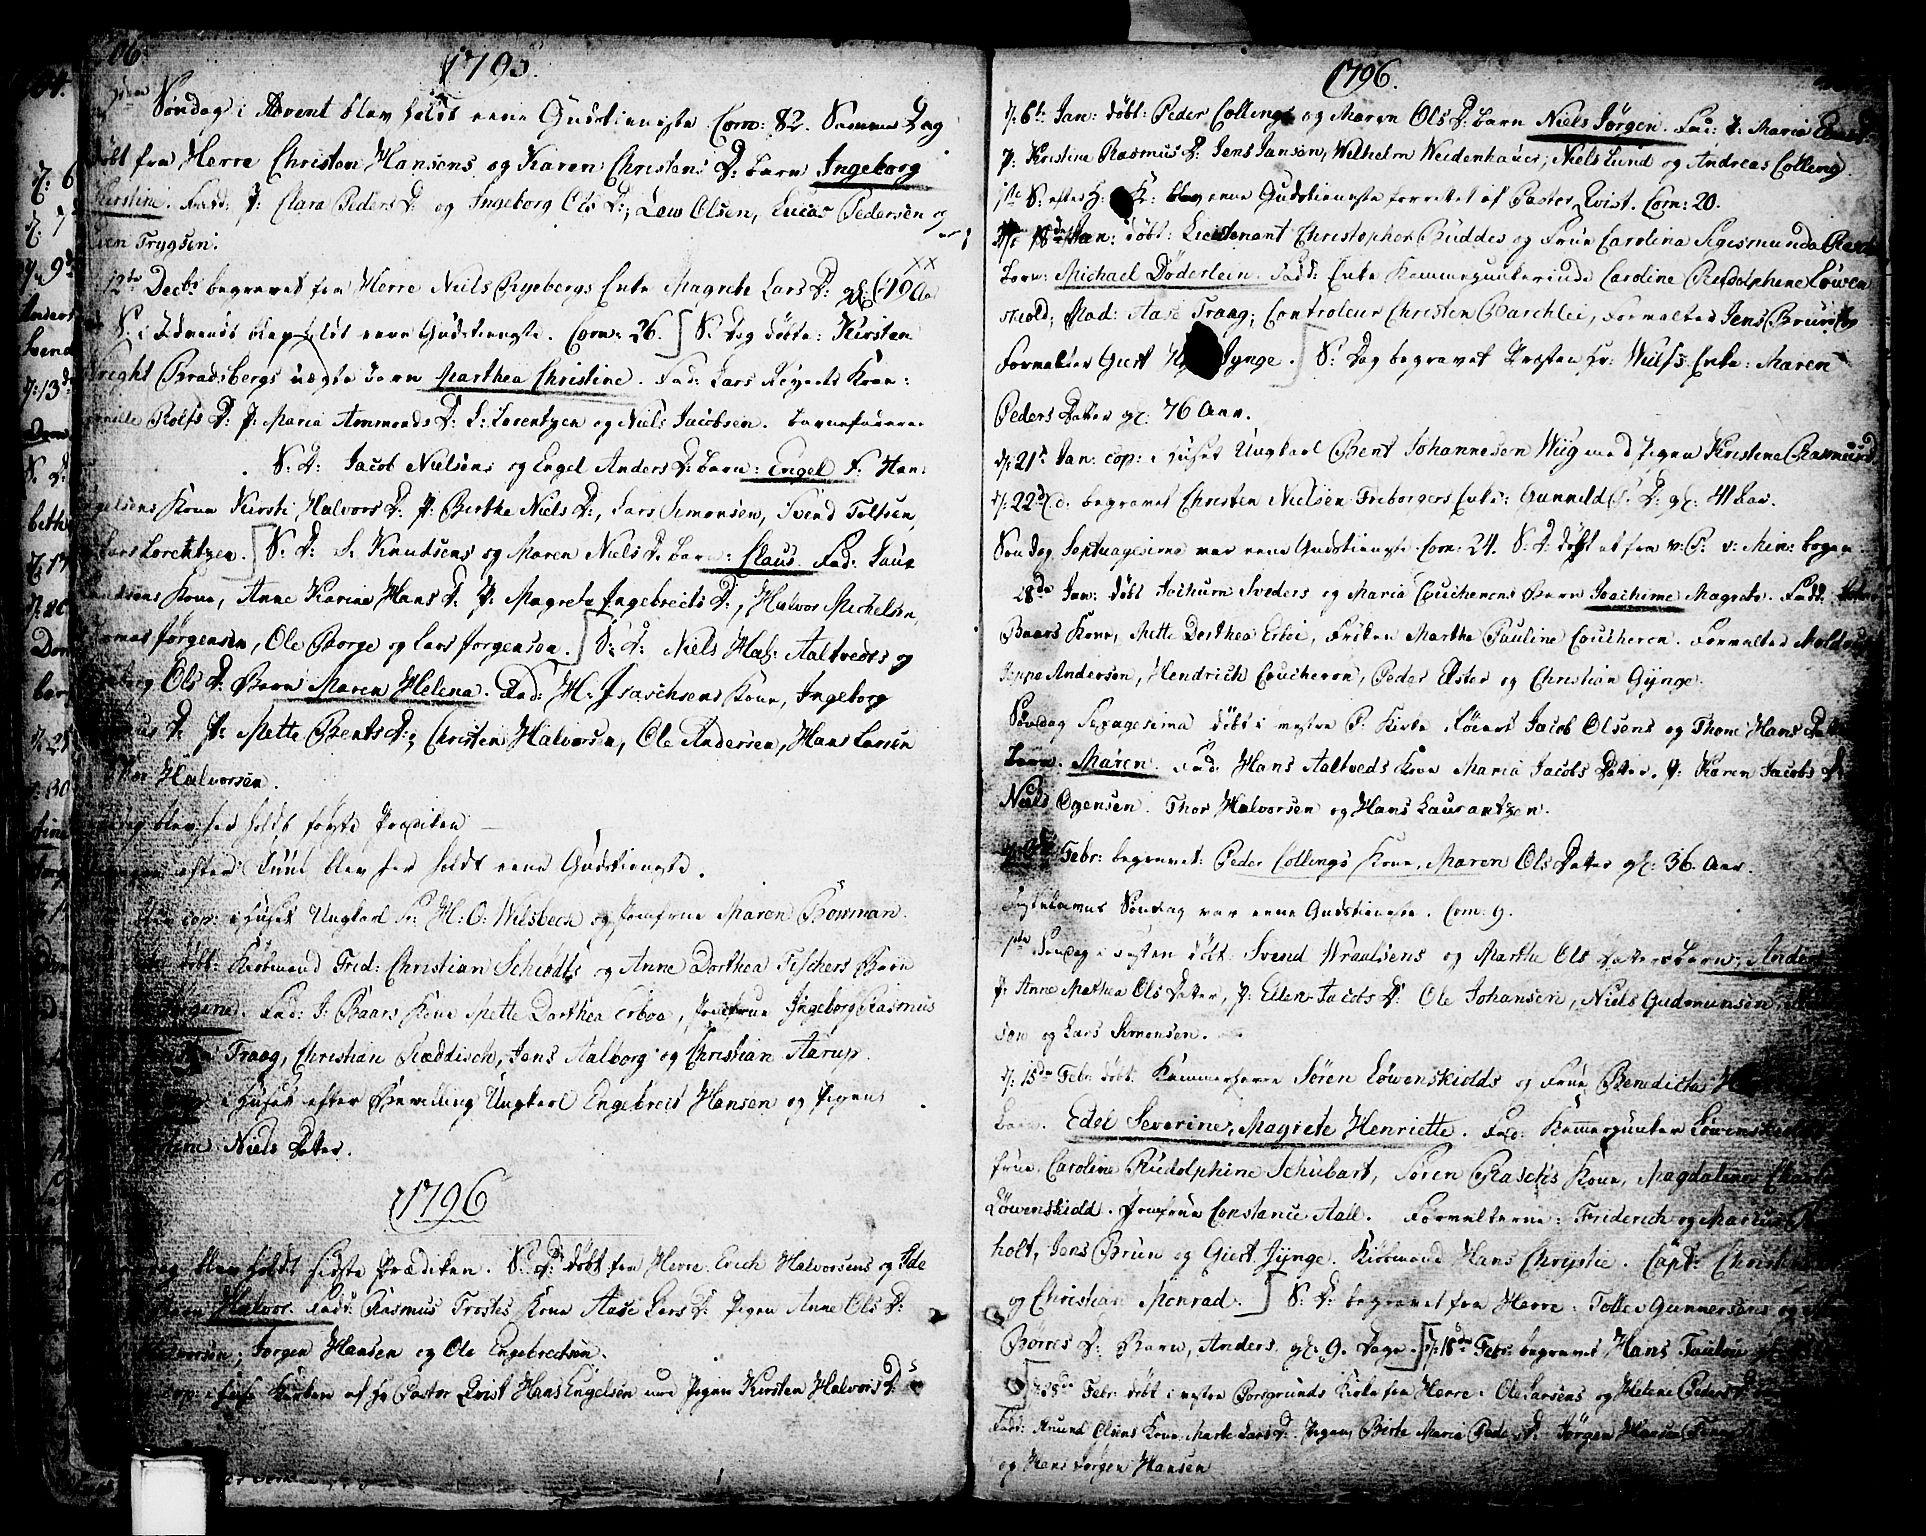 SAKO, Porsgrunn kirkebøker , F/Fa/L0002: Ministerialbok nr. 2, 1764-1814, s. 206-207